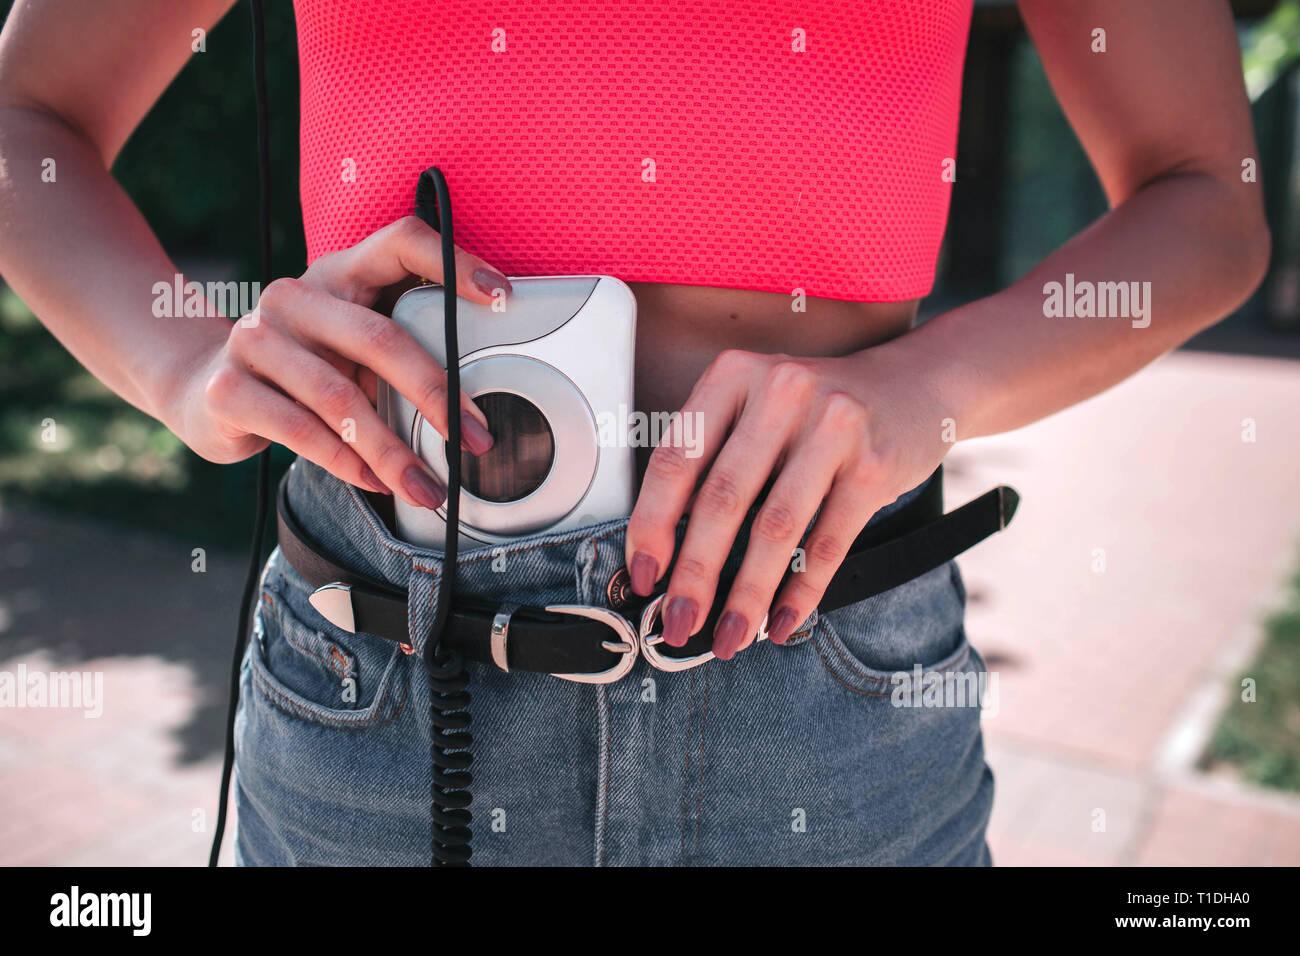 Una imagen de chica poniendo music player en pantalones vaqueros. Es blanca y reproductor de música a los auriculares conectados por cable. Foto de stock